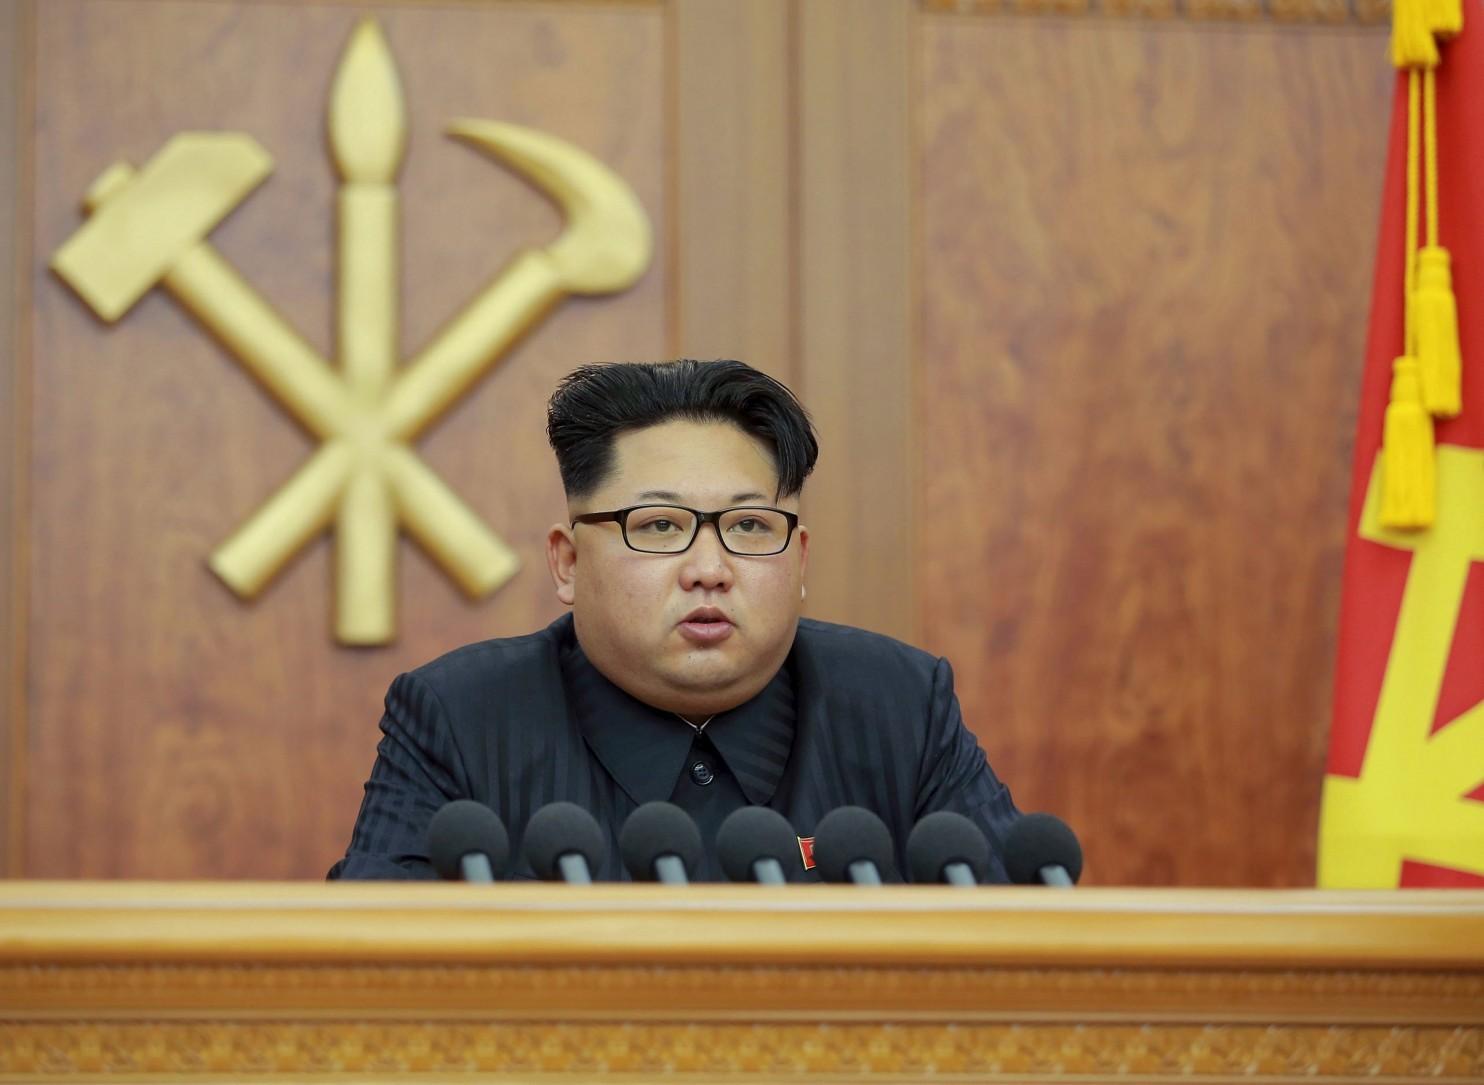 KDHC: 'ABD'li emperyalistler diz çöküp özür dileyene dek, vurmaya hazır olacağız'